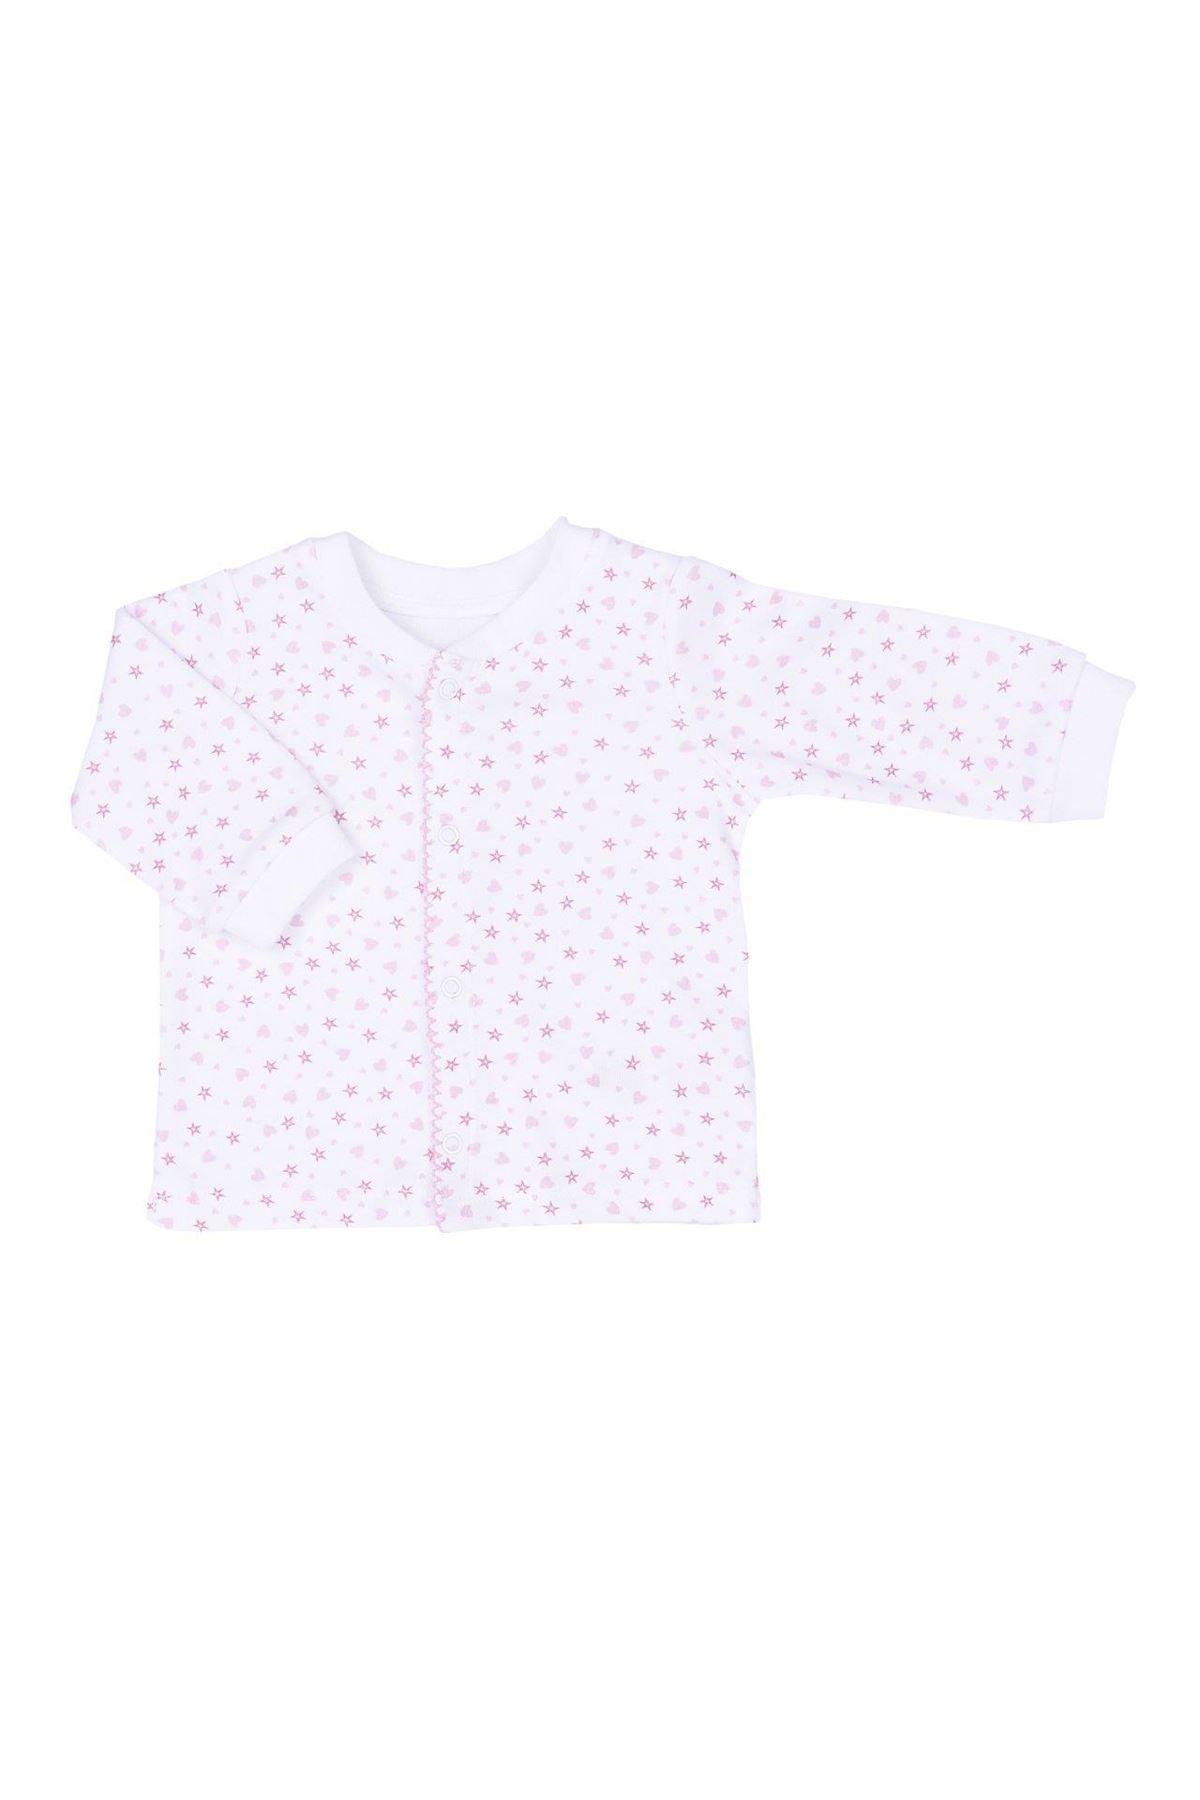 KitiKate Organik Dreams Levon Pijama Takım 75977 Pembe